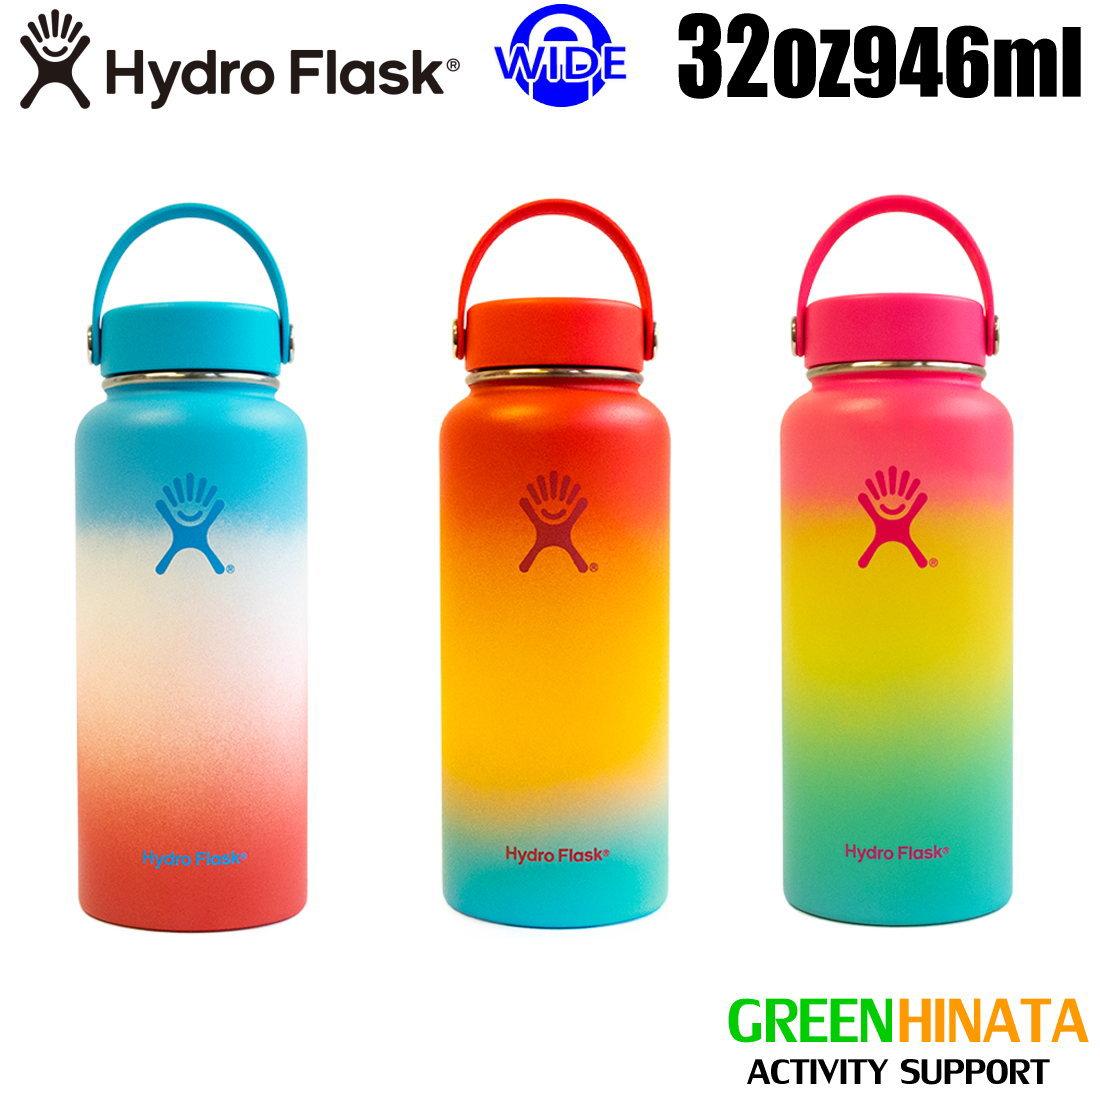 ハイドロフラスク ワイドマウス32oz シェイブアイス 保温 保冷 ボトル 水筒  国内正規品